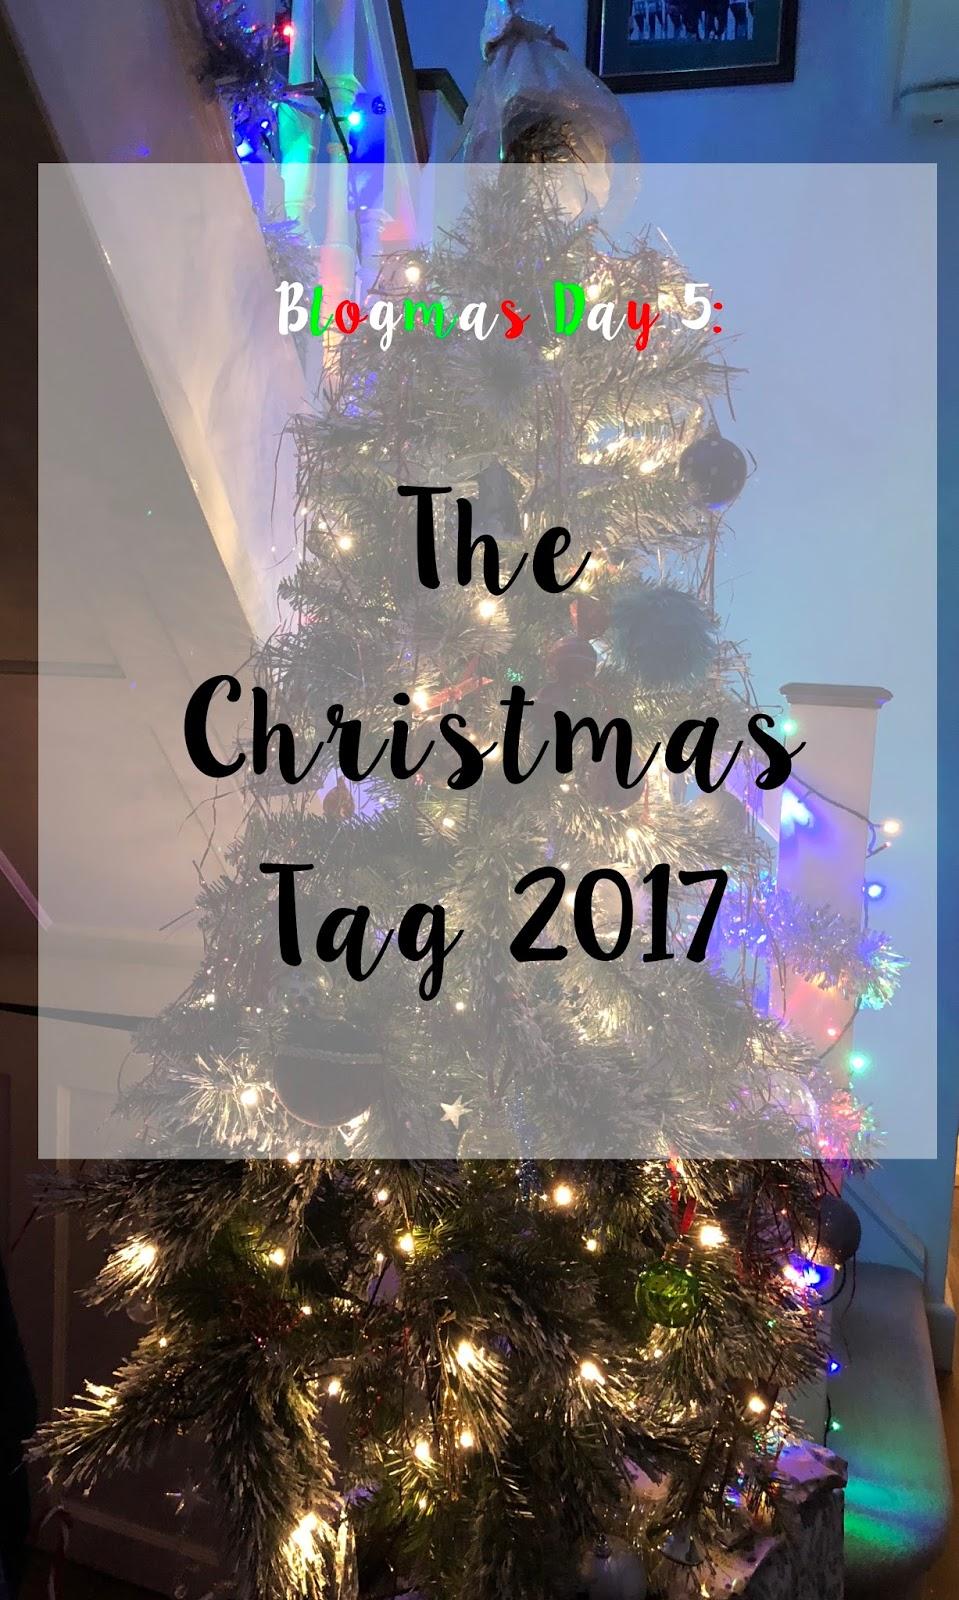 Blogmas Day 5: The Christmas Tag